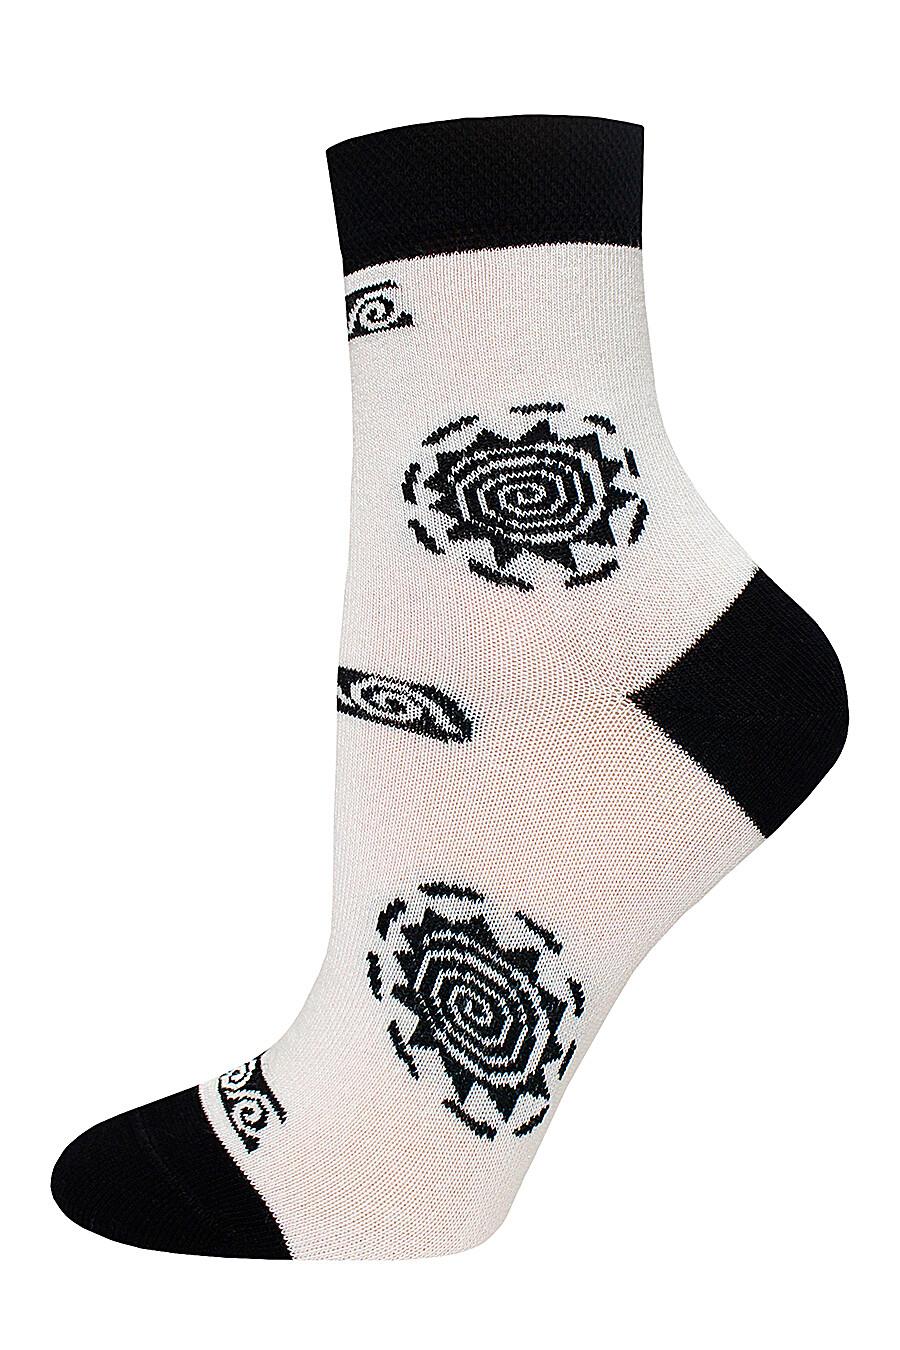 Носки для женщин БРЕСТСКИЕ 226879 купить оптом от производителя. Совместная покупка женской одежды в OptMoyo